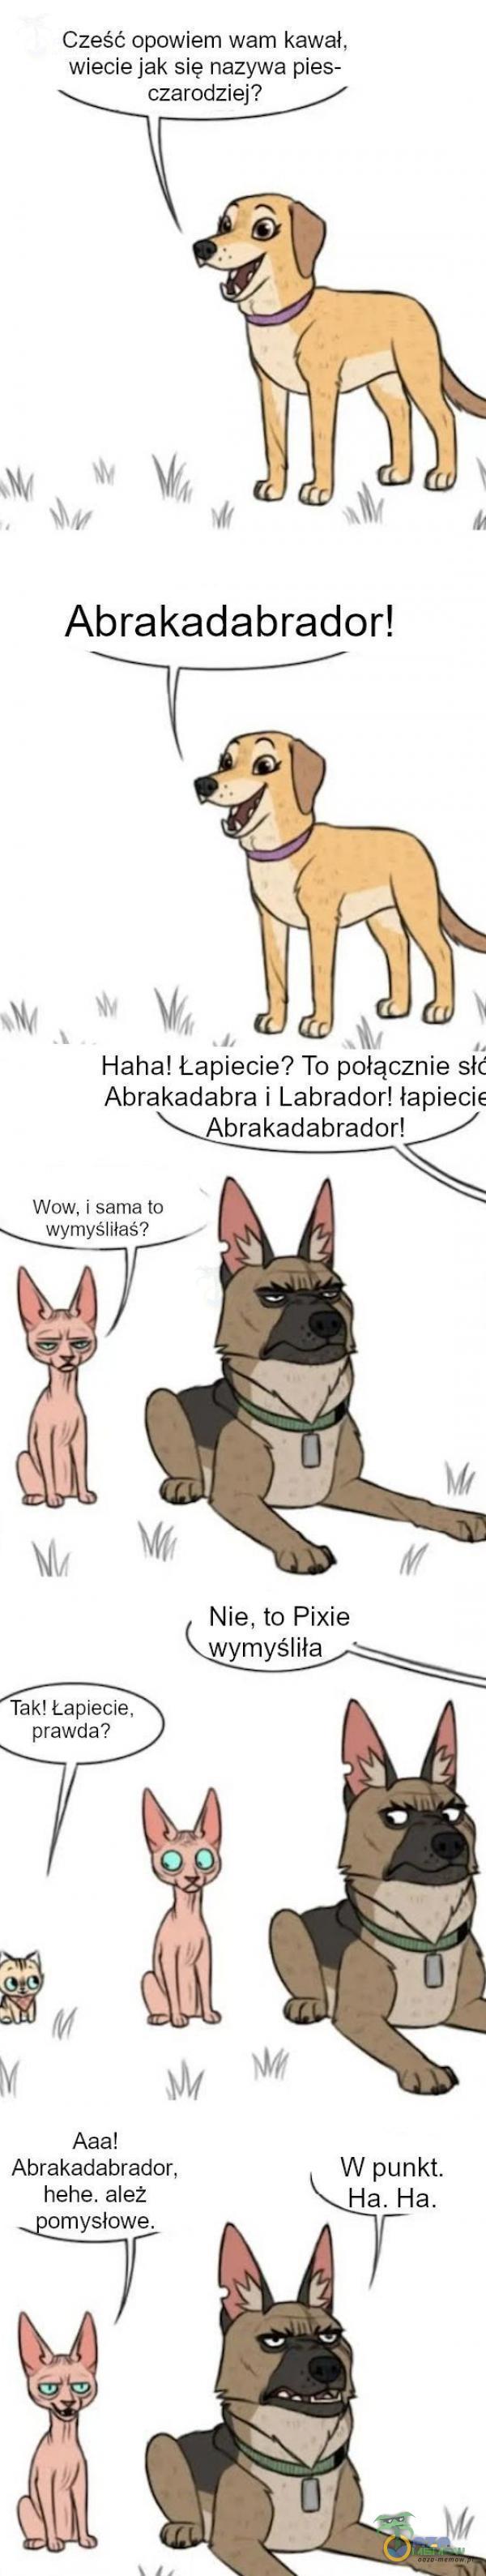 """Cześć opowiem wam kawał. Wiecie """"iaksię naźywa pies: ~ + EL» Haha! Łapiście? To- pbłąqznie s)? """"Abrakadabra i Labrador! """"Pabieda «Abrakadabradon< Waw. › sama to wvmyśmas? TakLLapięcię. prawda? & Aaa! Abrakadabrador. hehe. ależ umysłowe."""